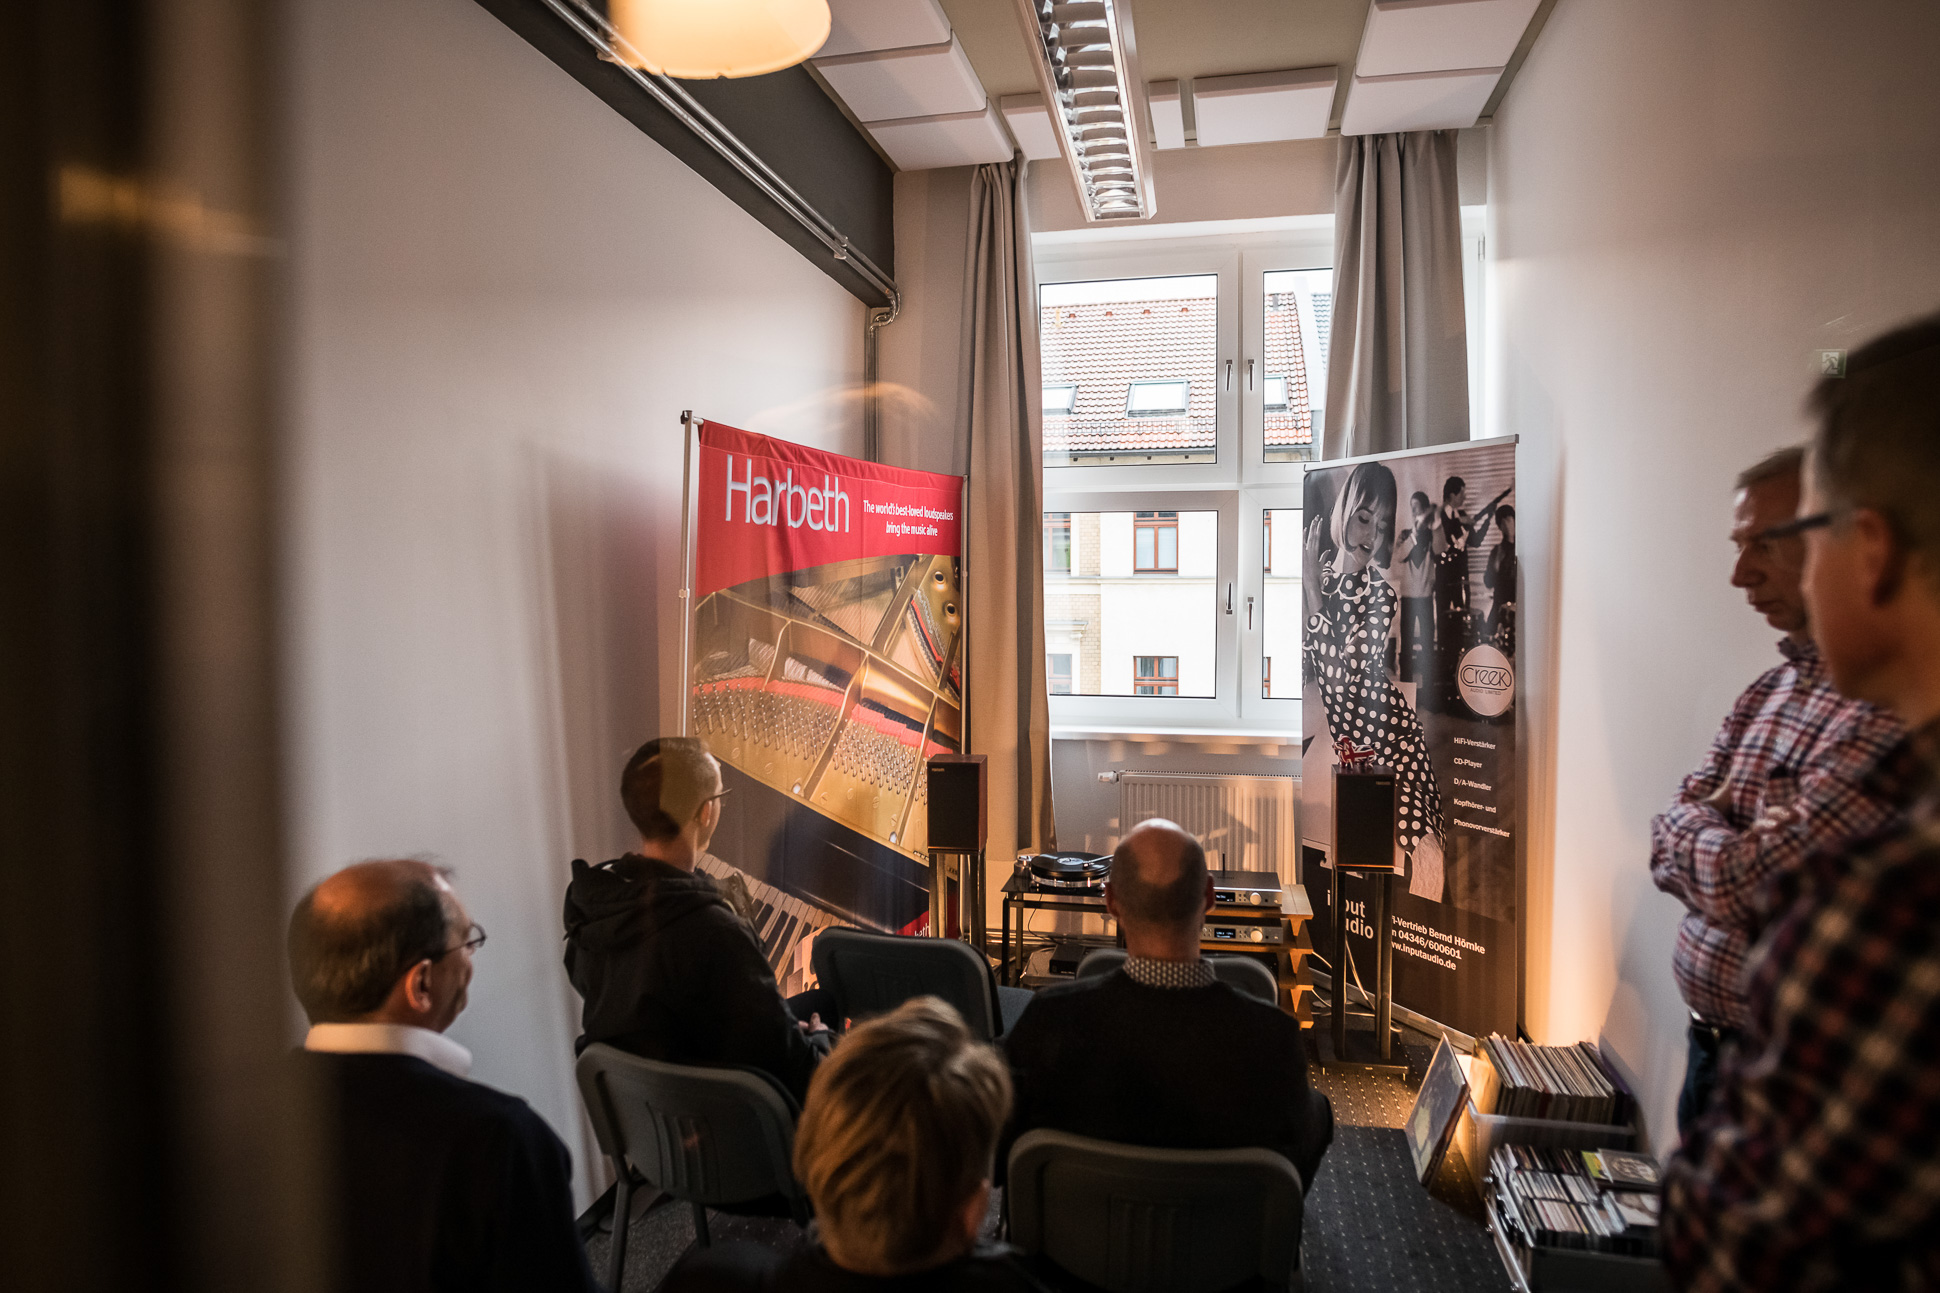 Der Vertrieb Input Audio spielte wieder mit Creek, Harbeth und Starter. Entwicklerlegende Michael Creek kam sogar eigens aus dem UK eingeflogen.